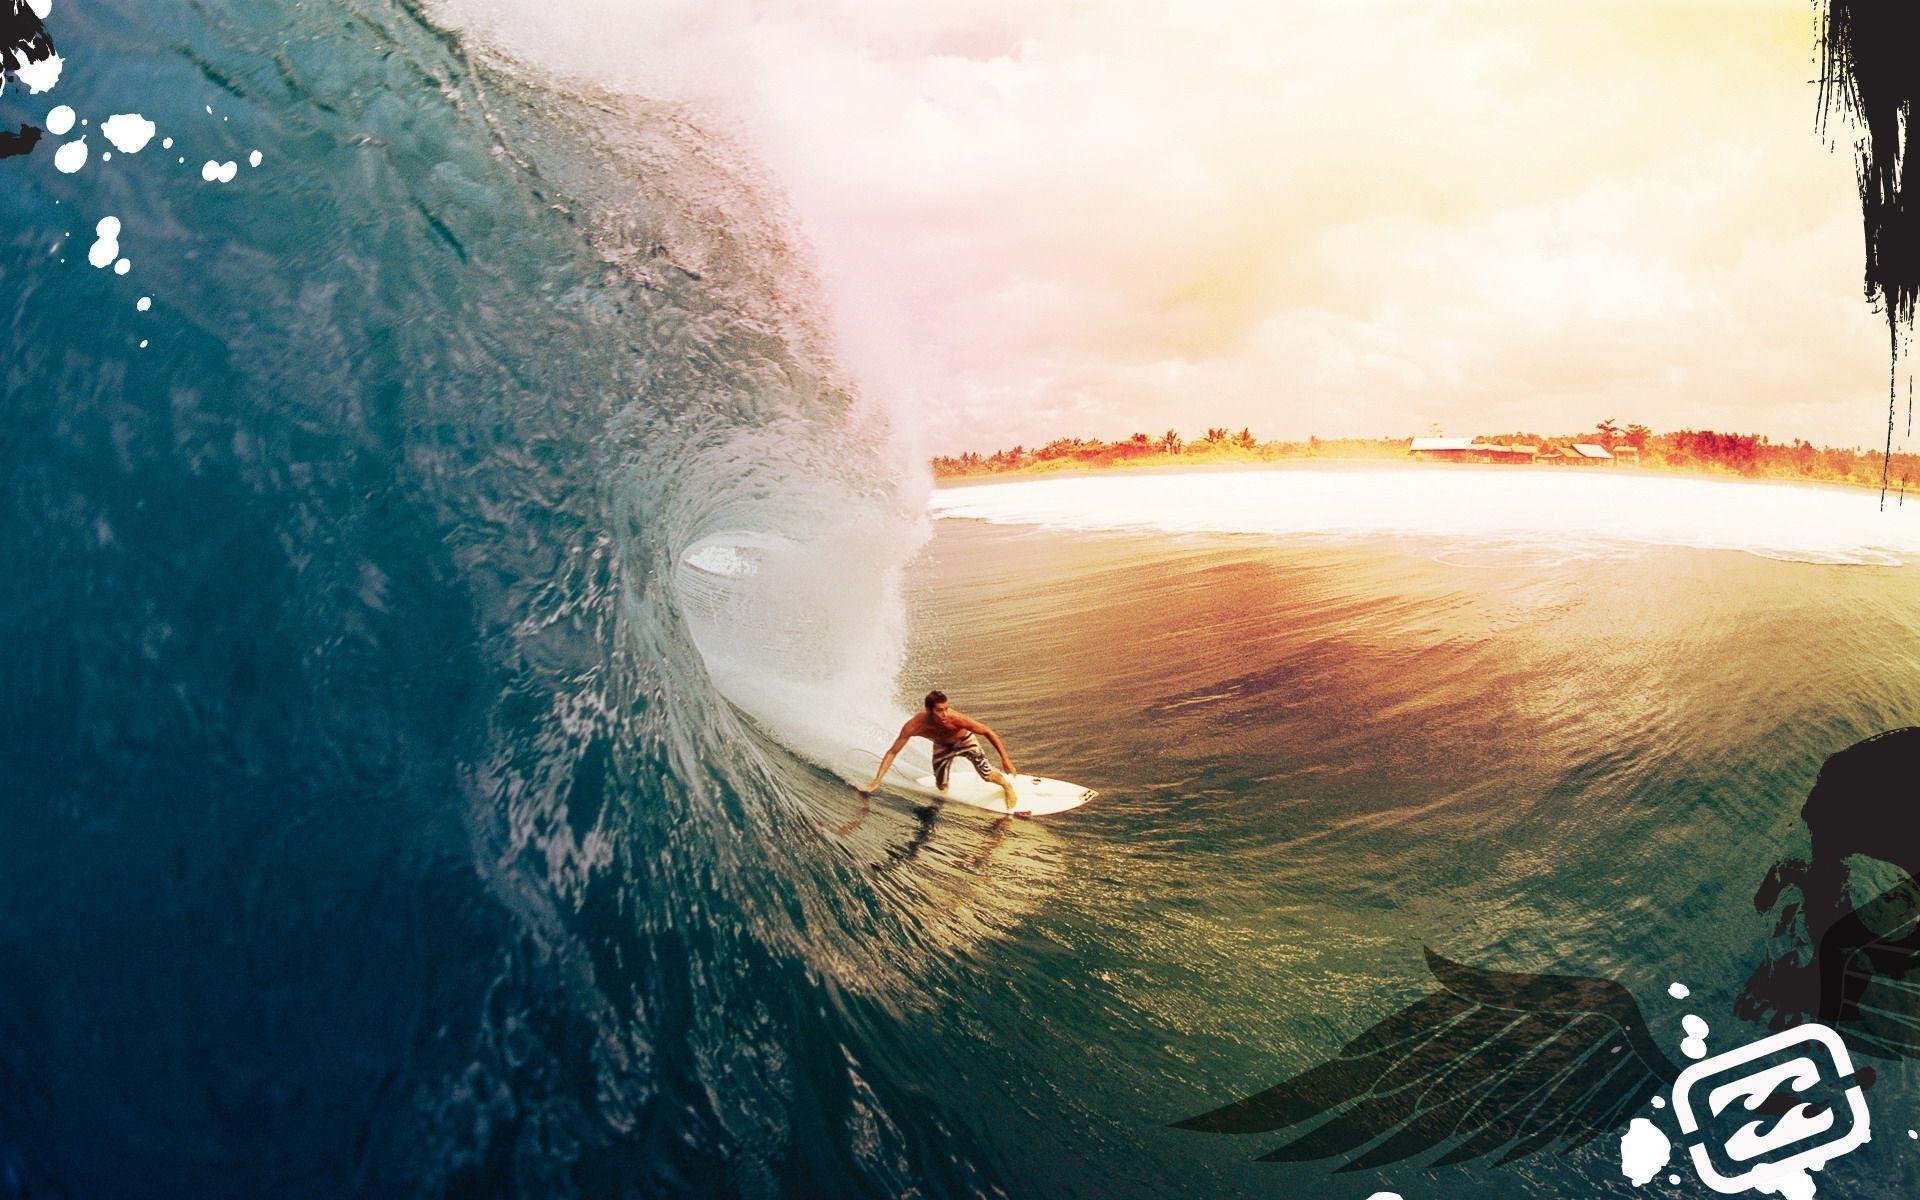 サーフィン ビーチ海 ハワイ 南国風 夏 テーマ Pcデスクトップ